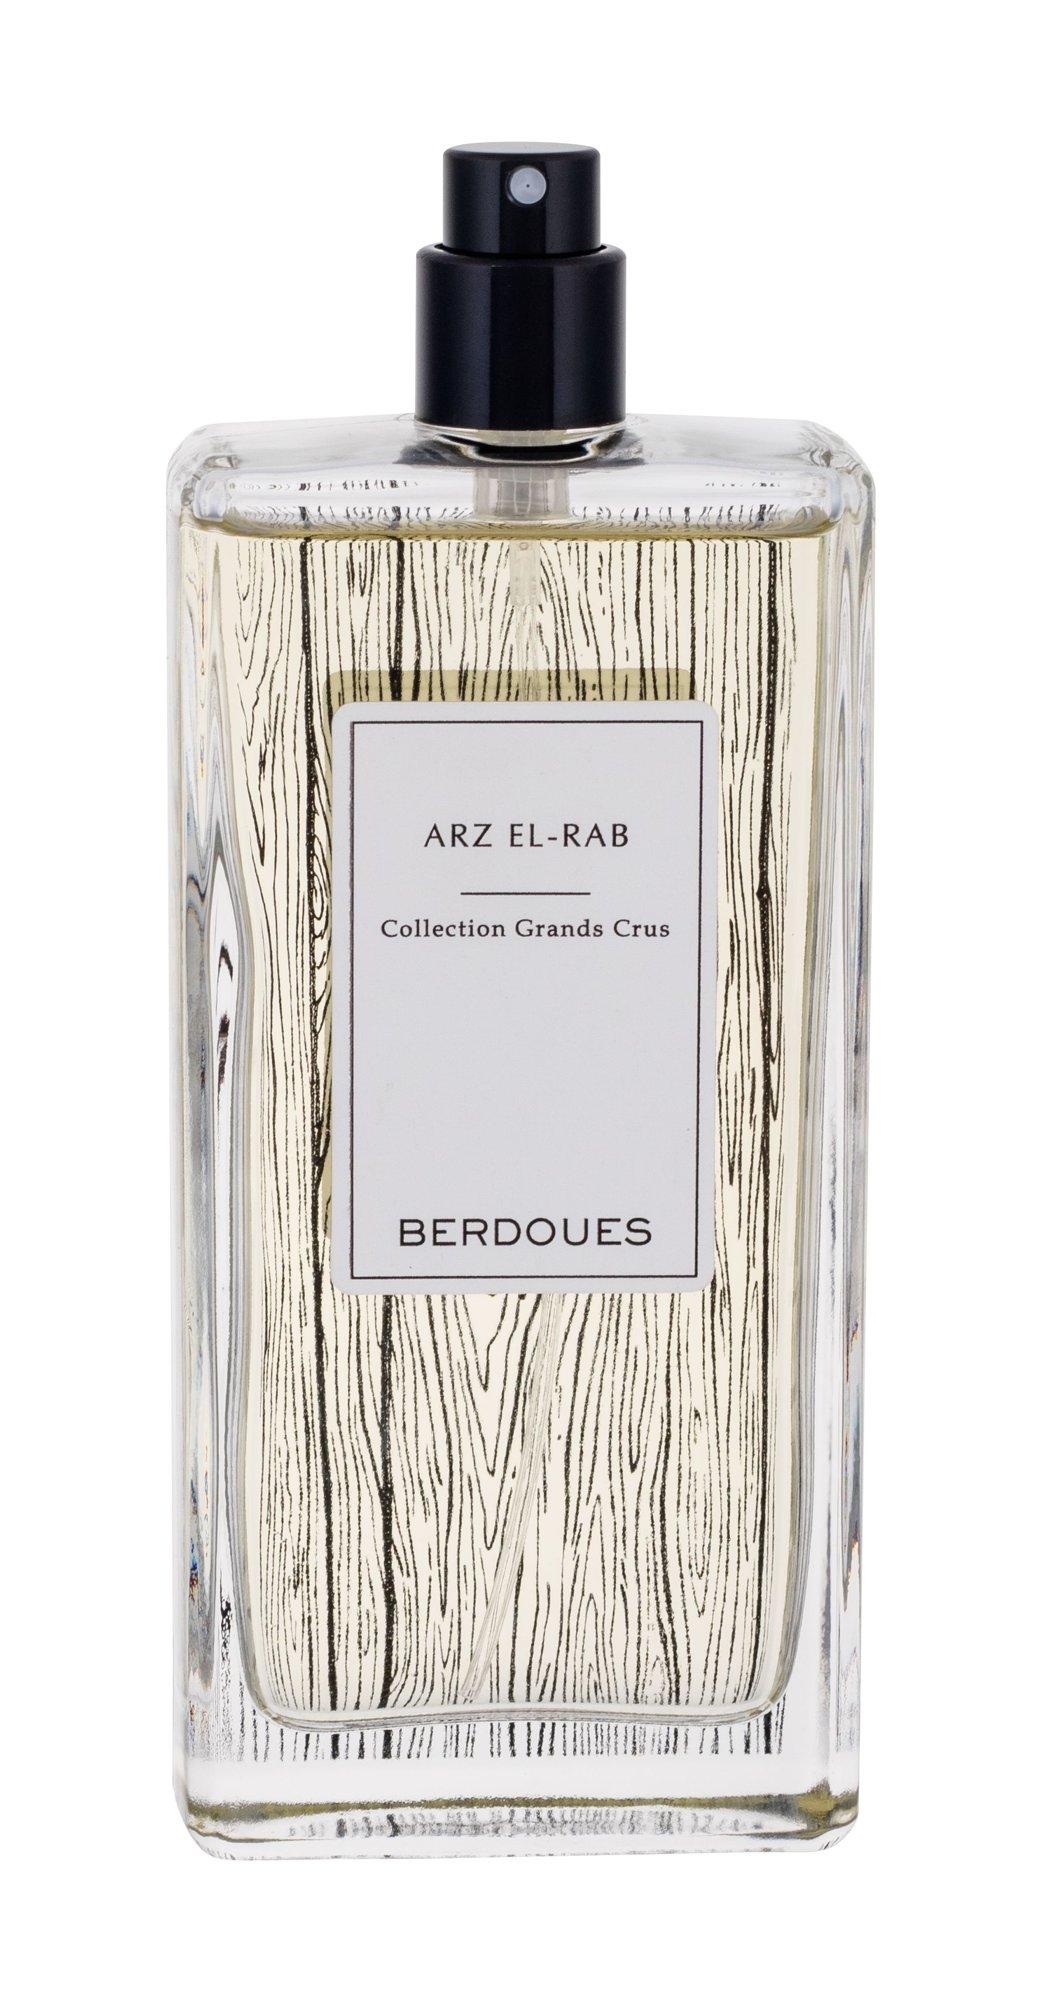 Berdoues Collection Grands Crus Eau de Parfum 100ml  Arz El-Rab